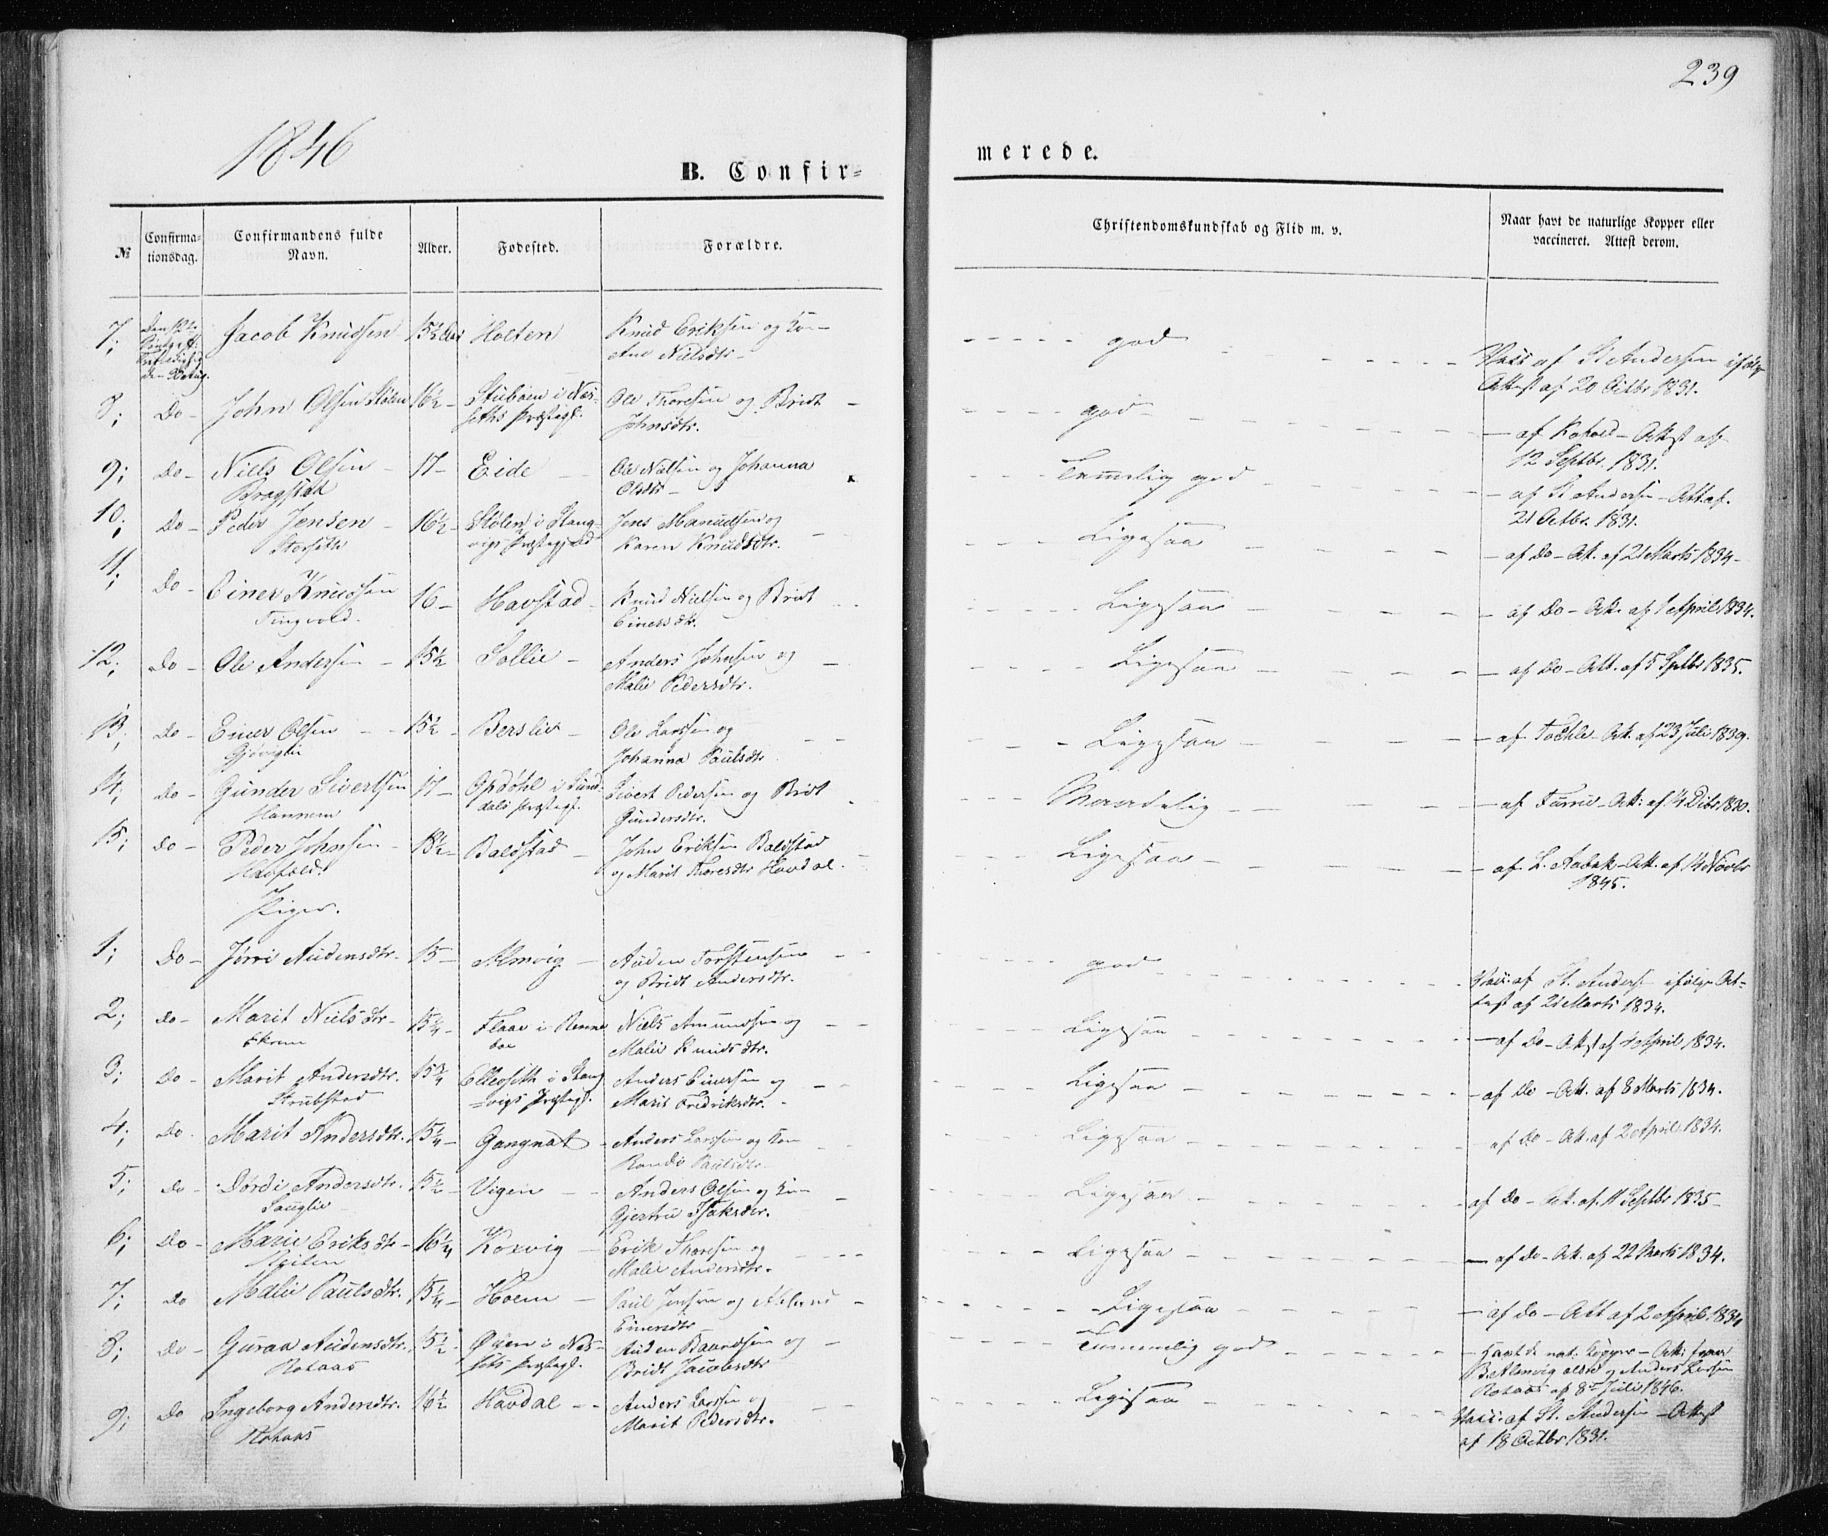 SAT, Ministerialprotokoller, klokkerbøker og fødselsregistre - Møre og Romsdal, 586/L0984: Ministerialbok nr. 586A10, 1844-1856, s. 239